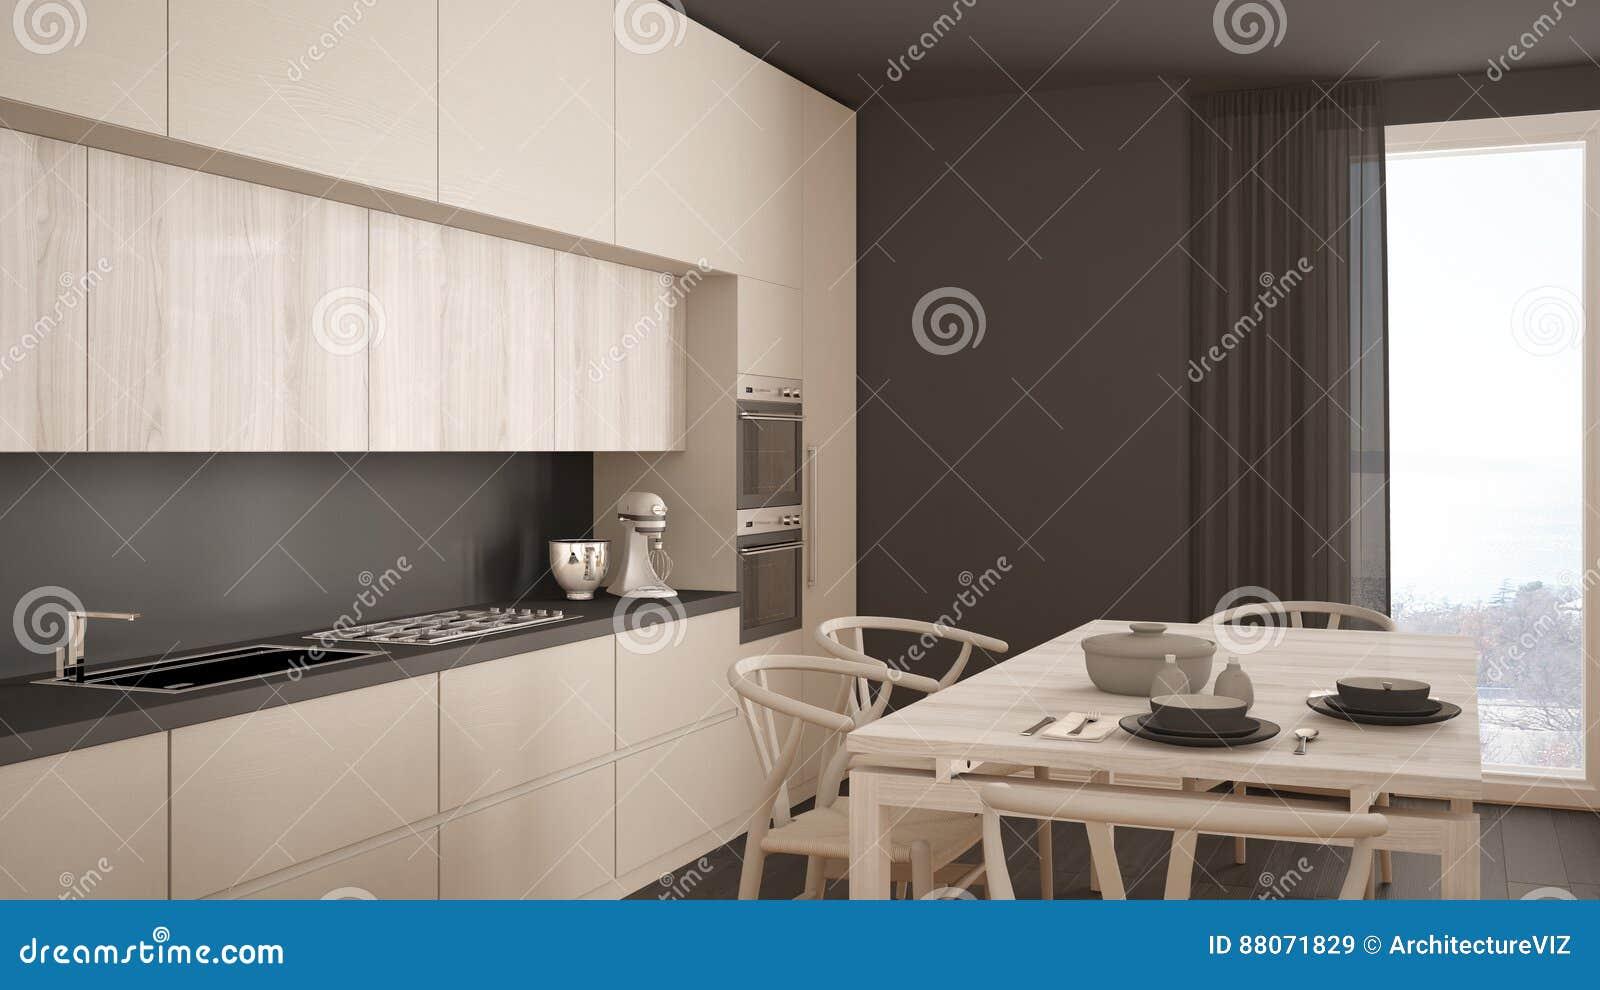 Pavimento cucina bianca top cartongesso cucina beautiful incredibile prezzo in cartongesso with for Placcaggio cucina moderna